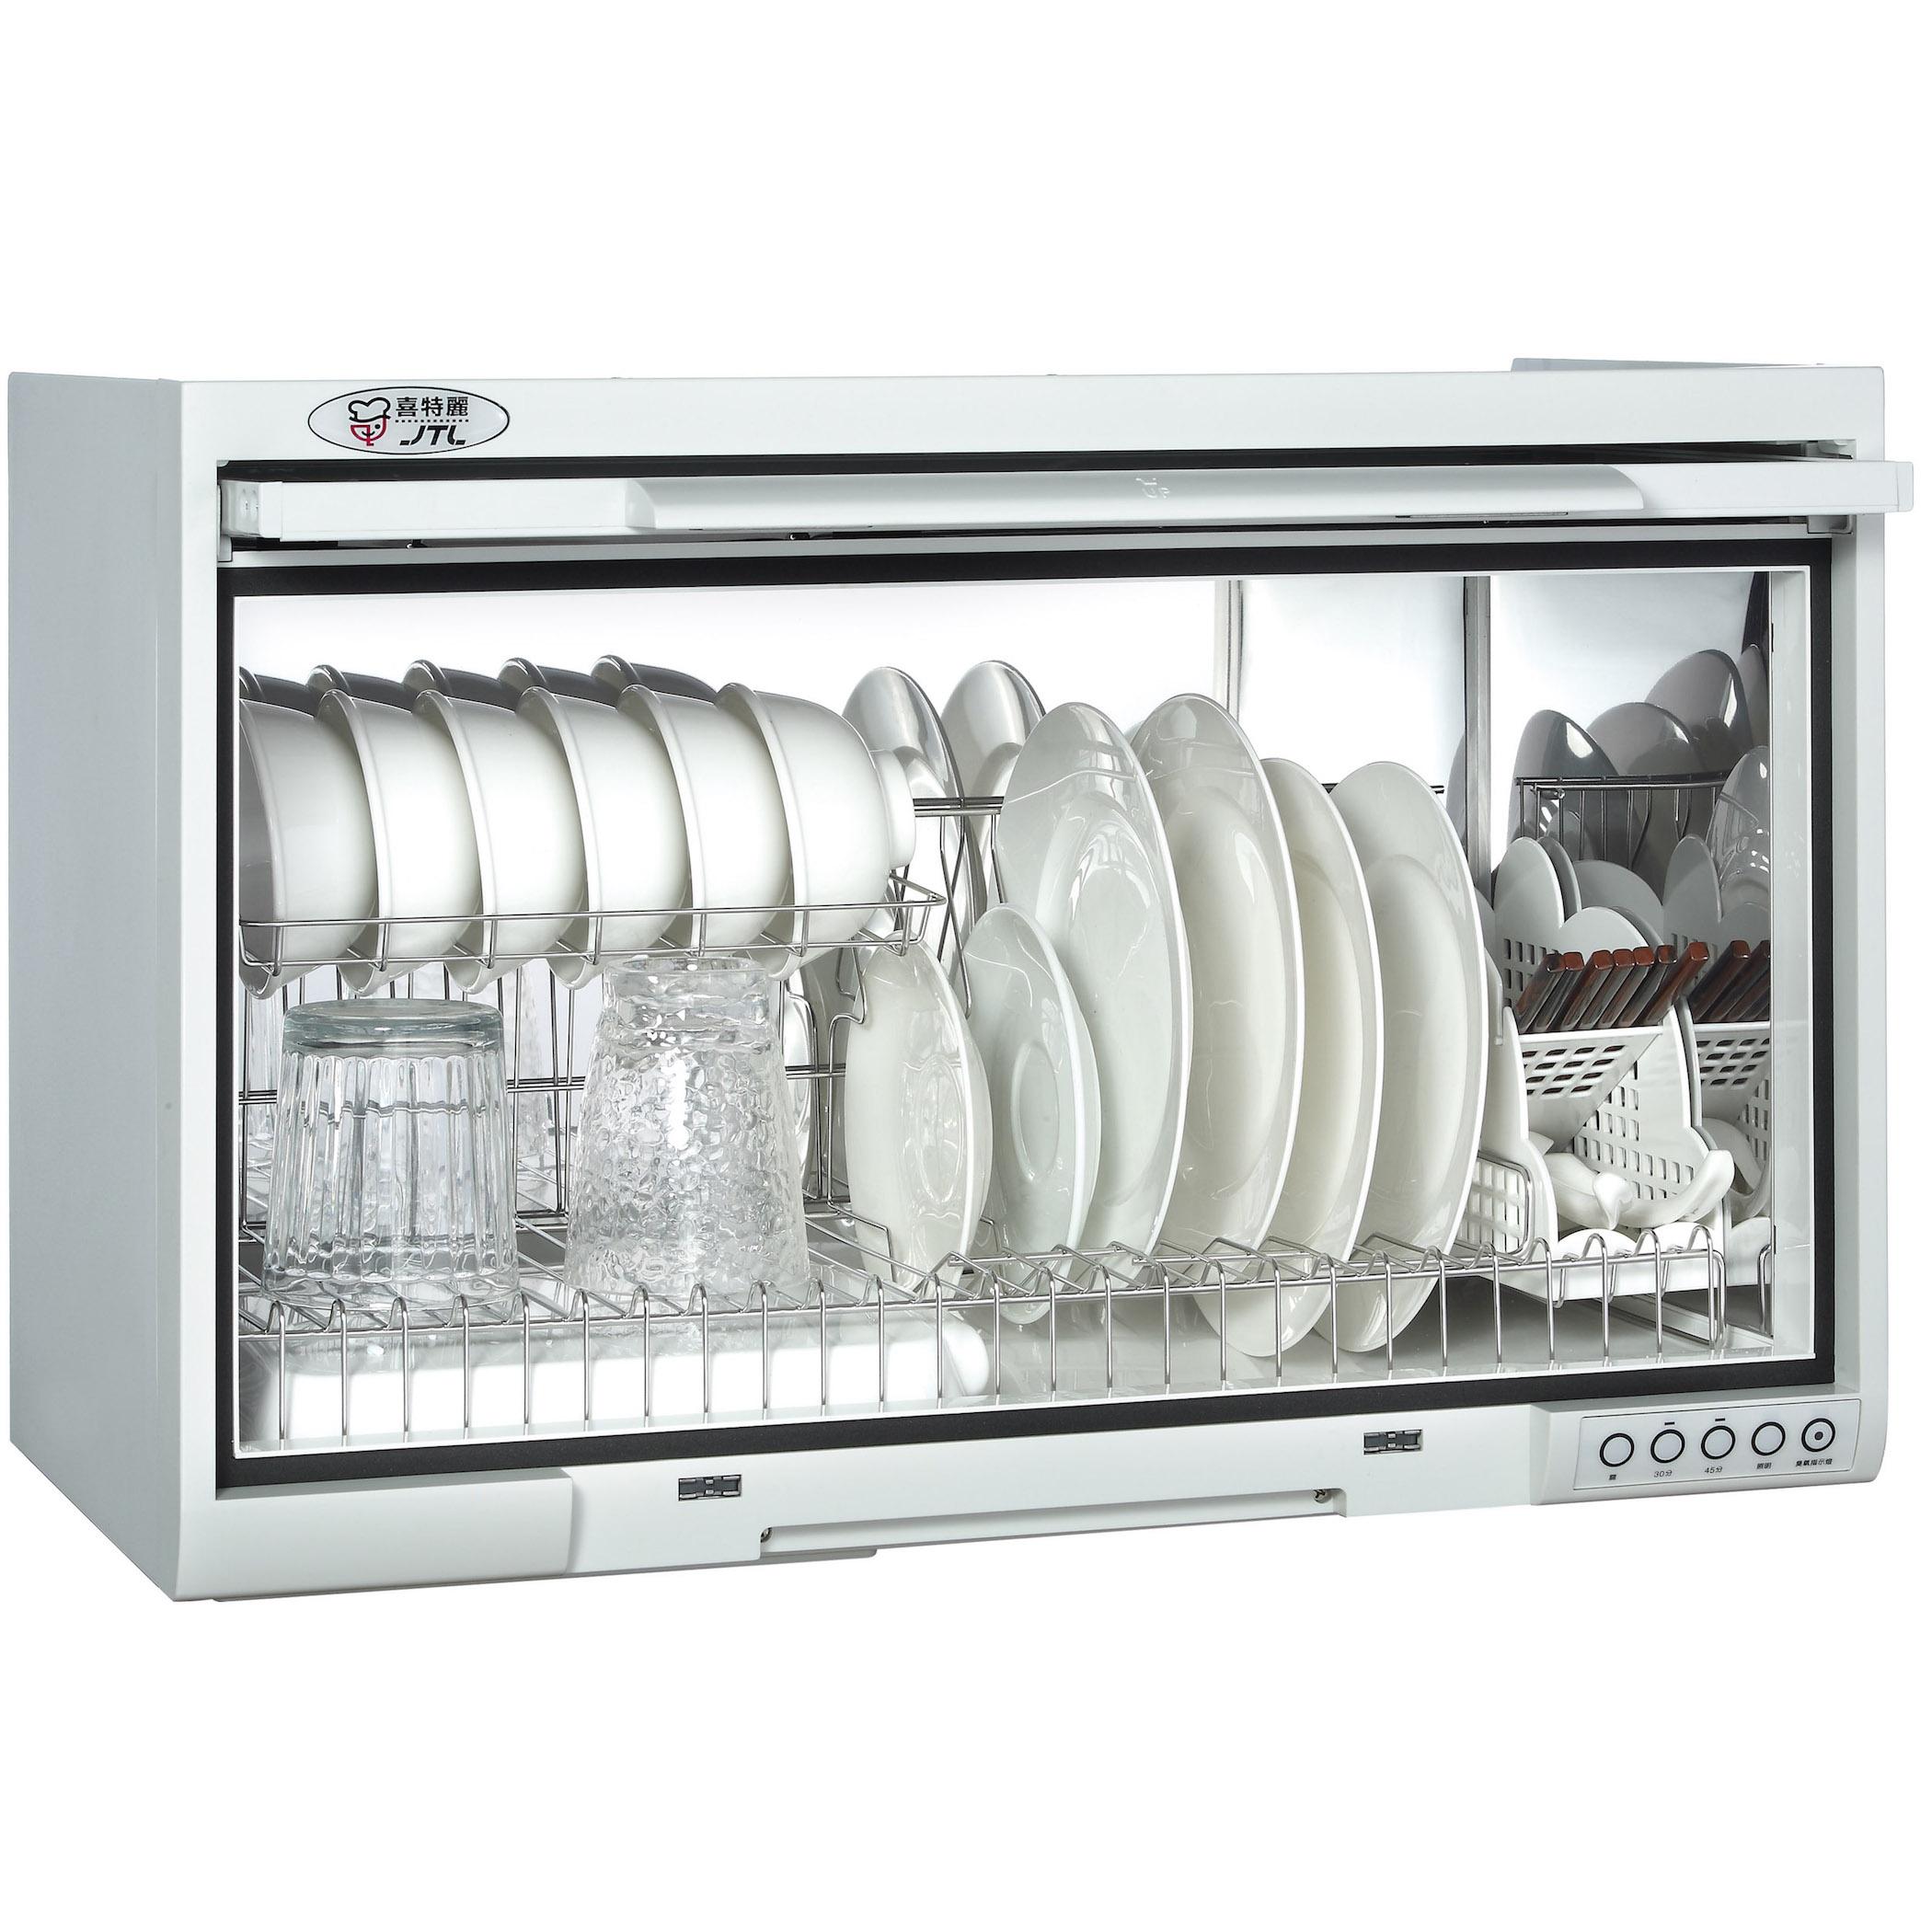 懸掛式烘碗機(無臭氧)